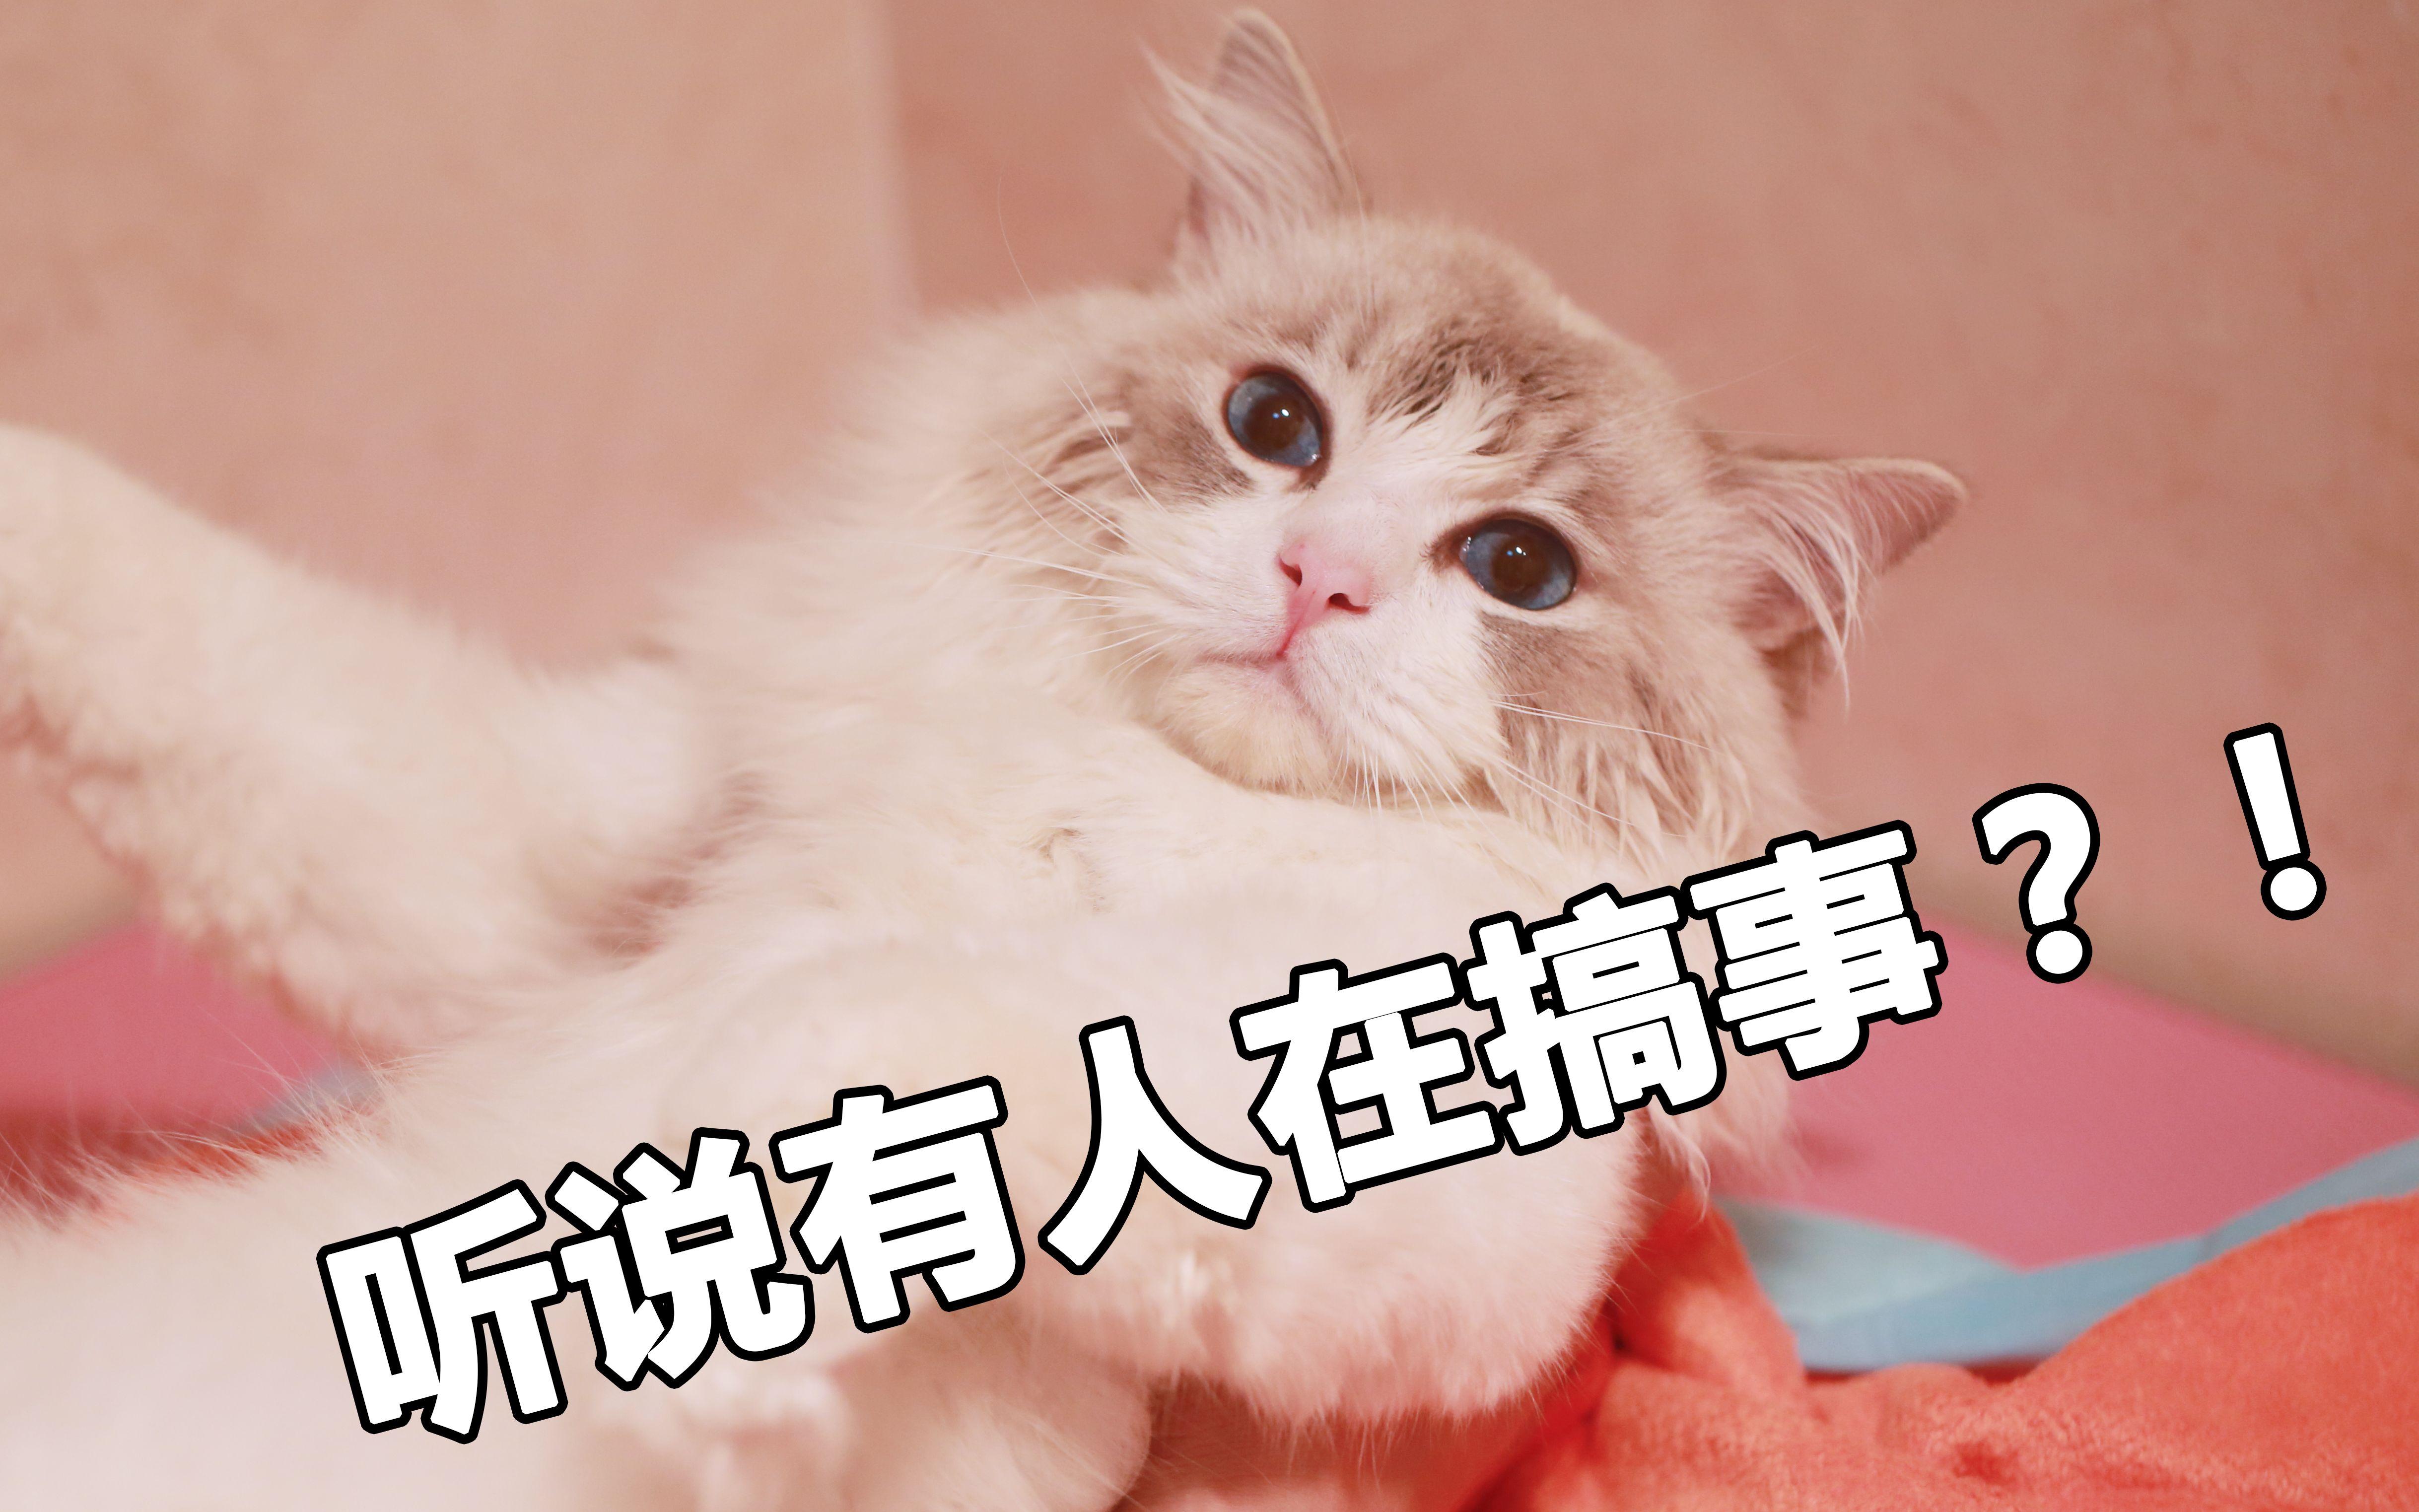 布偶猫 咪咪与金毛哈迪